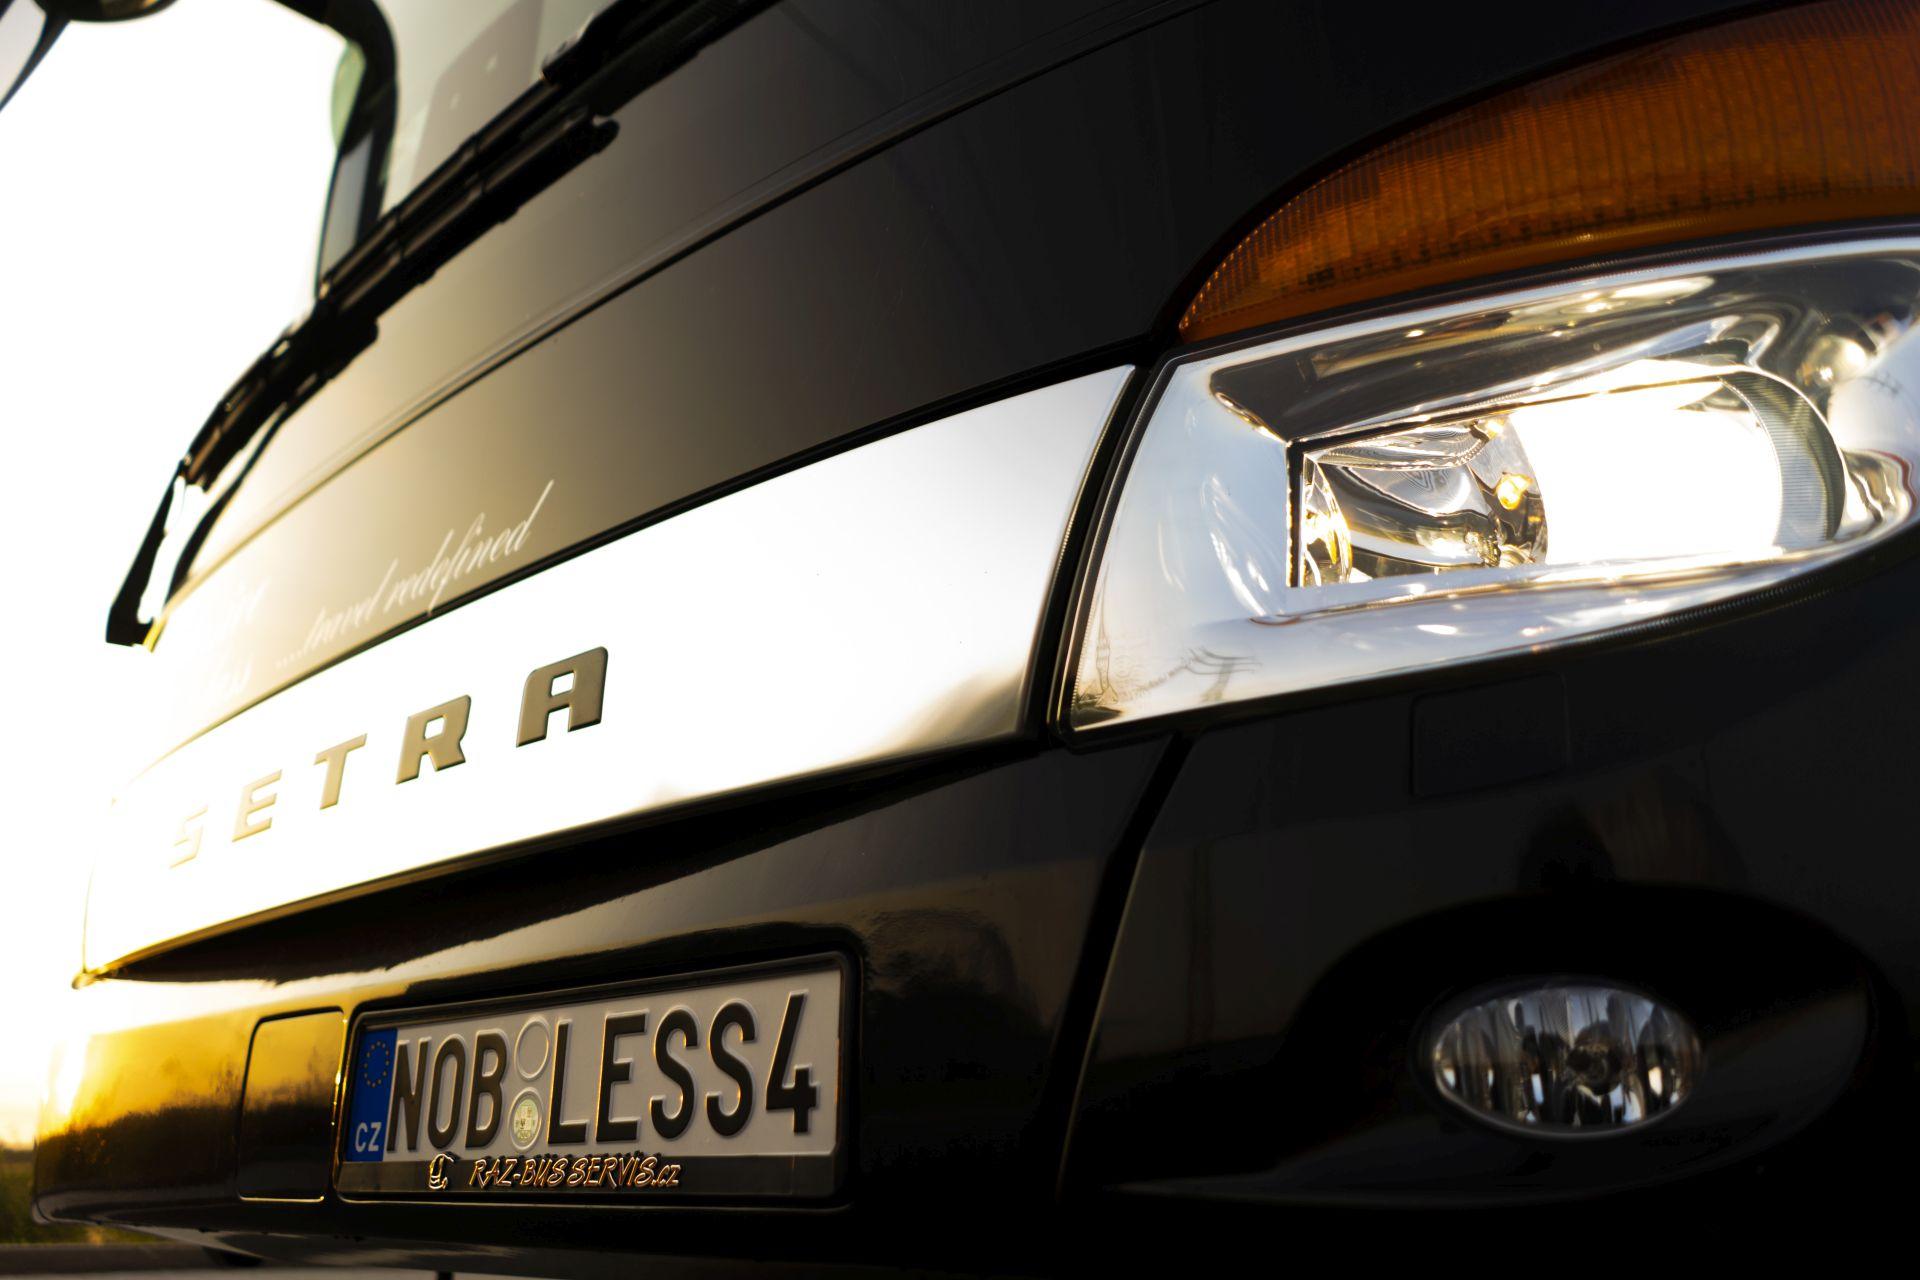 Autobus Setra společnosti Nobless Line pro linku do Švýcarska. Foto: Nobless Line